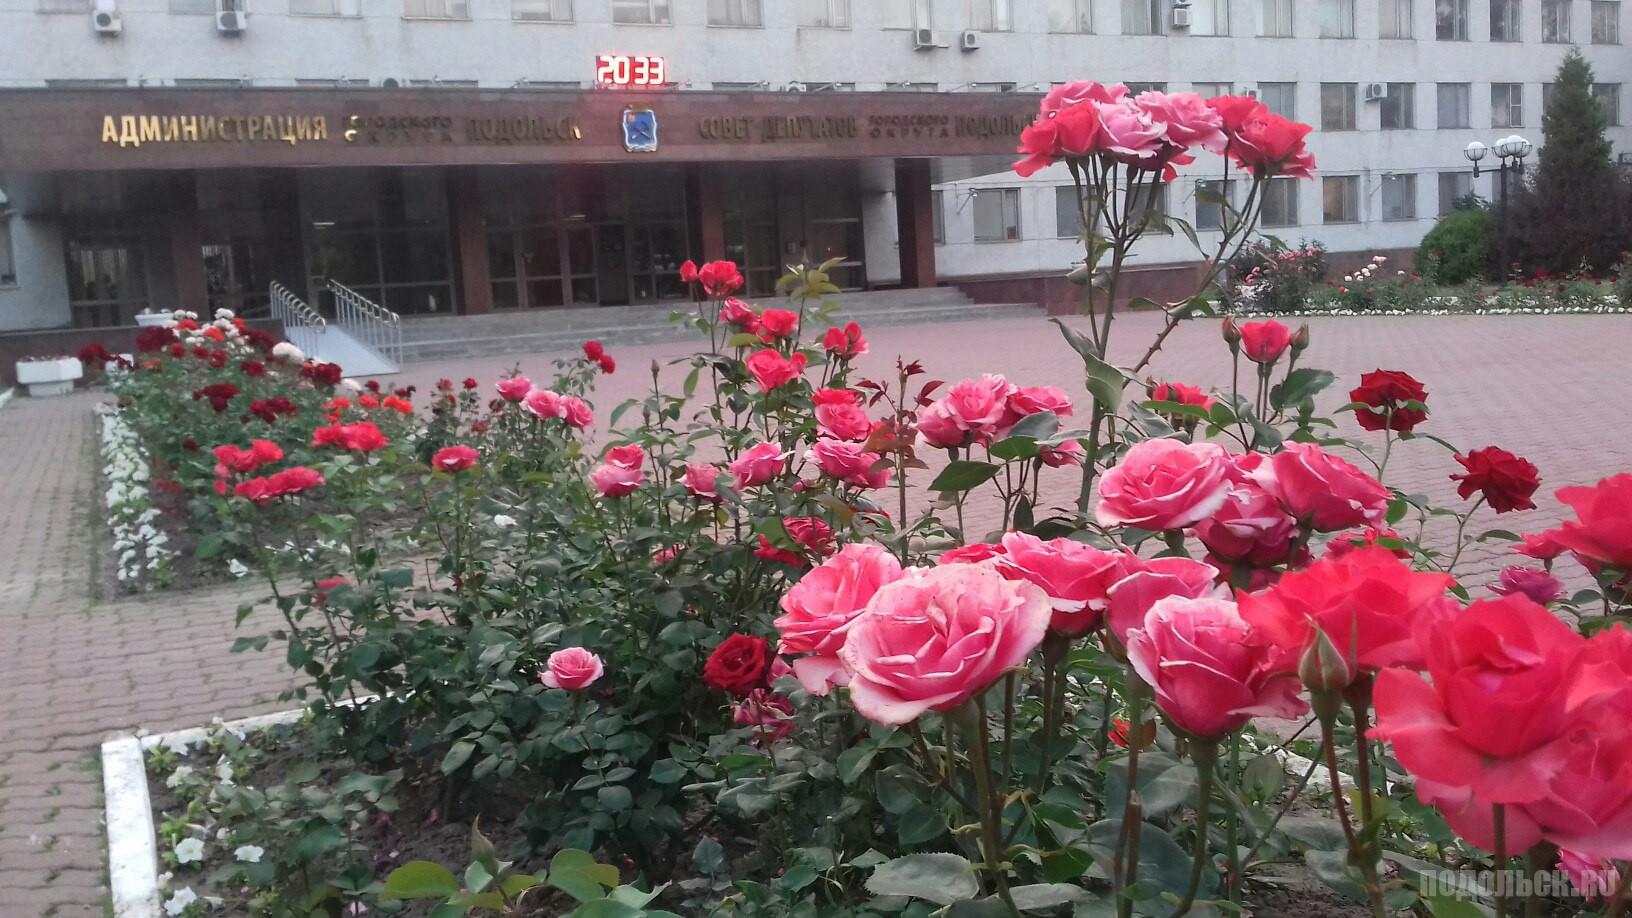 Розовая роскошь у здания администрации. Июнь, 2016.